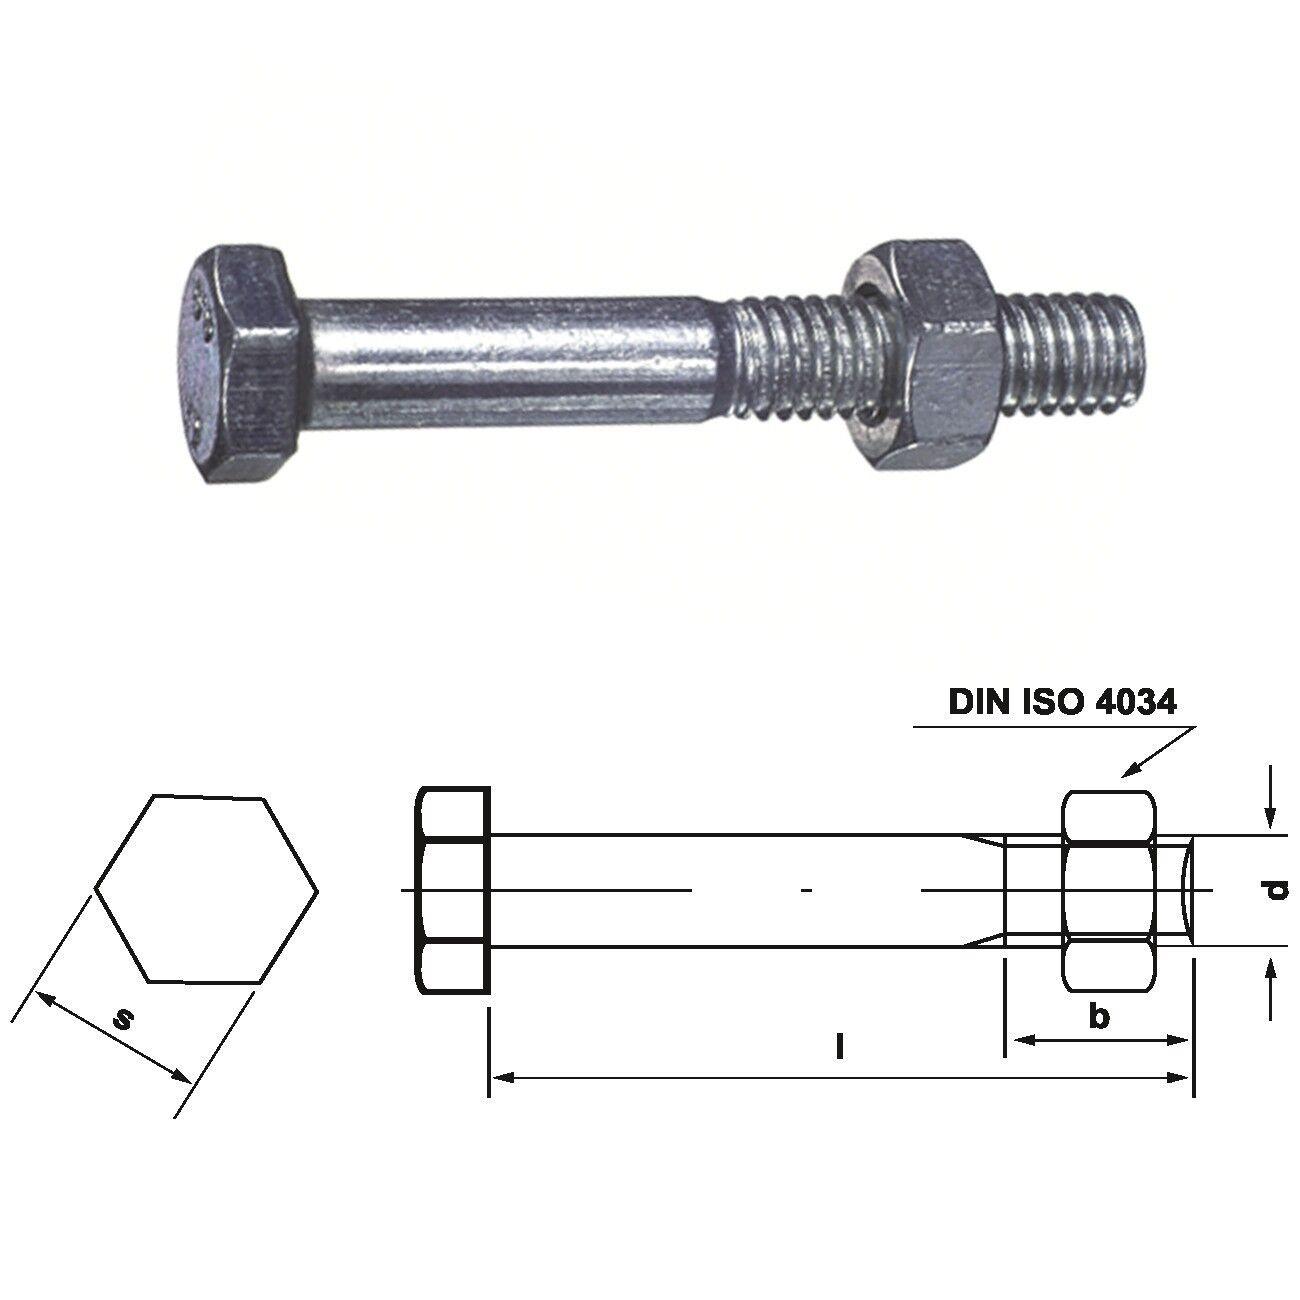 Bauschraube Sechskantschraube + Mutter mit Schaft ähnlich DIN 601 555-4.6 M24